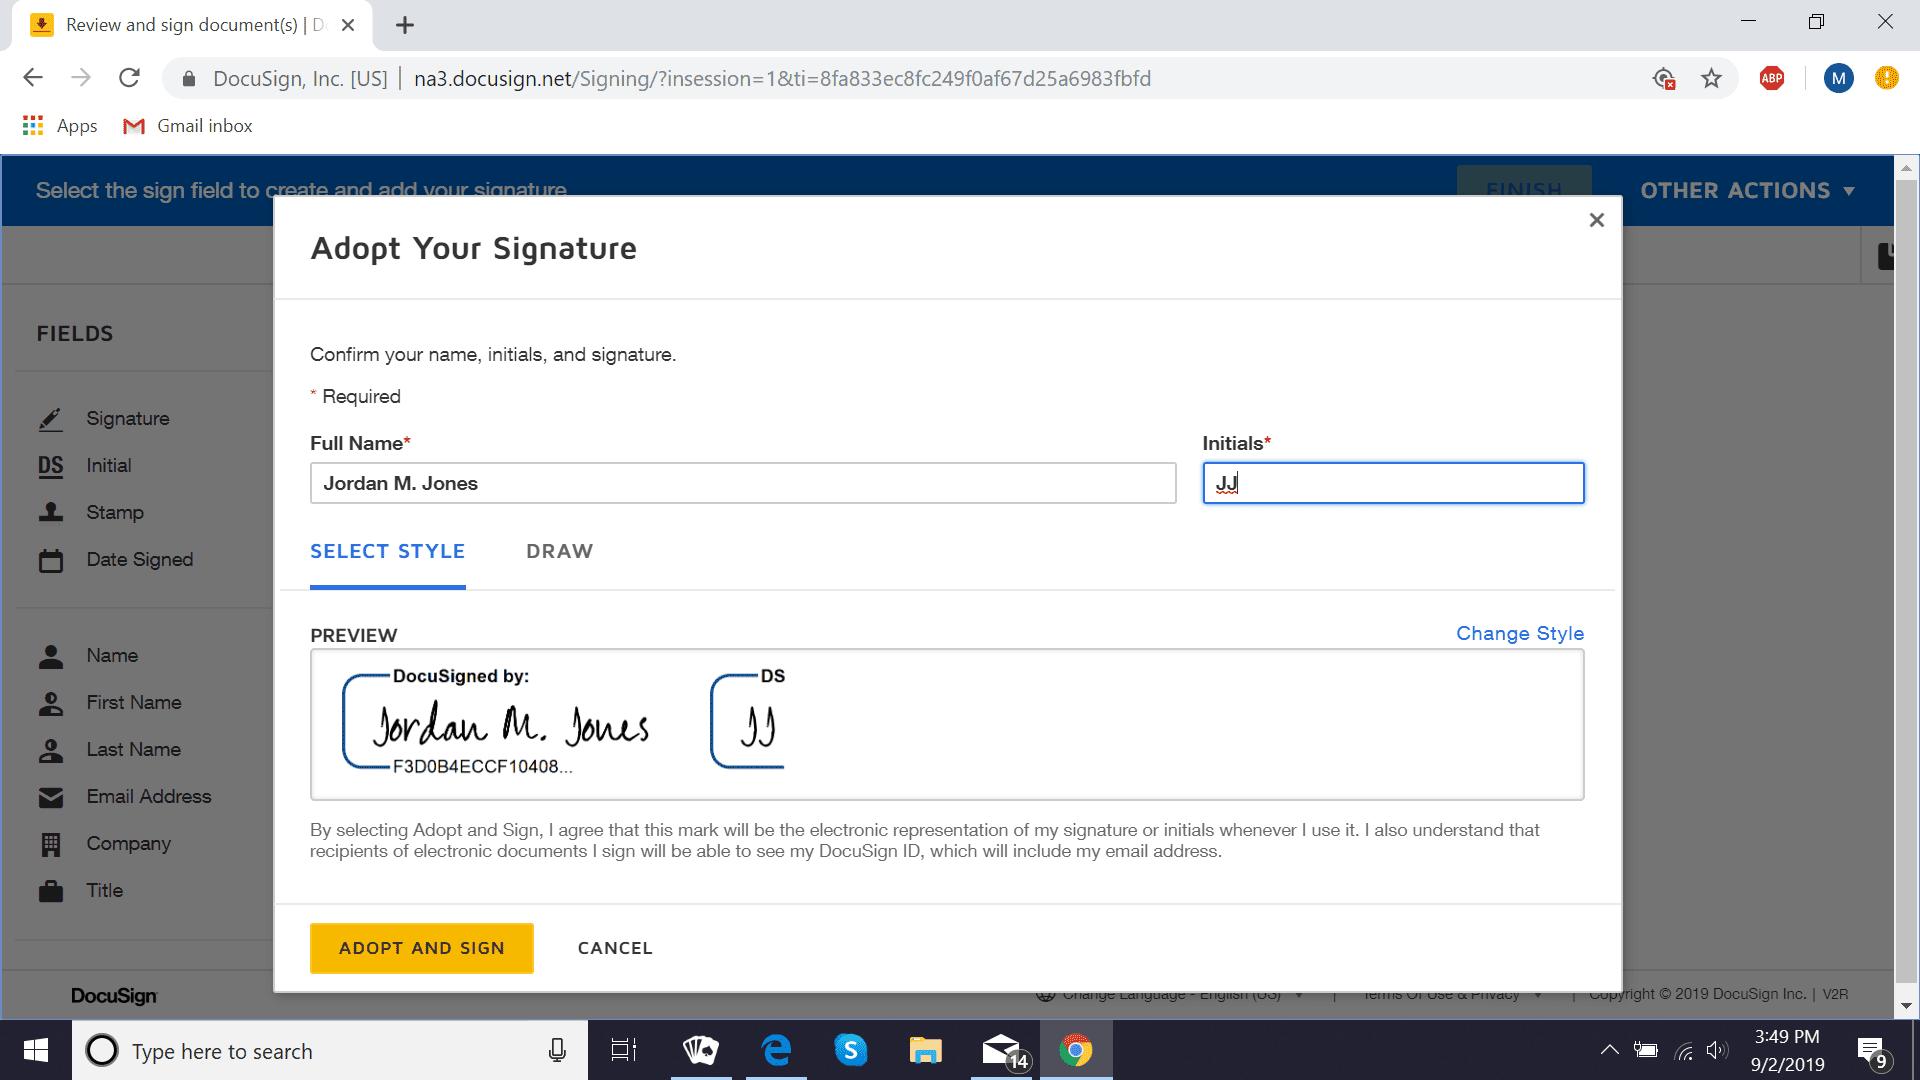 DocuSign create signature